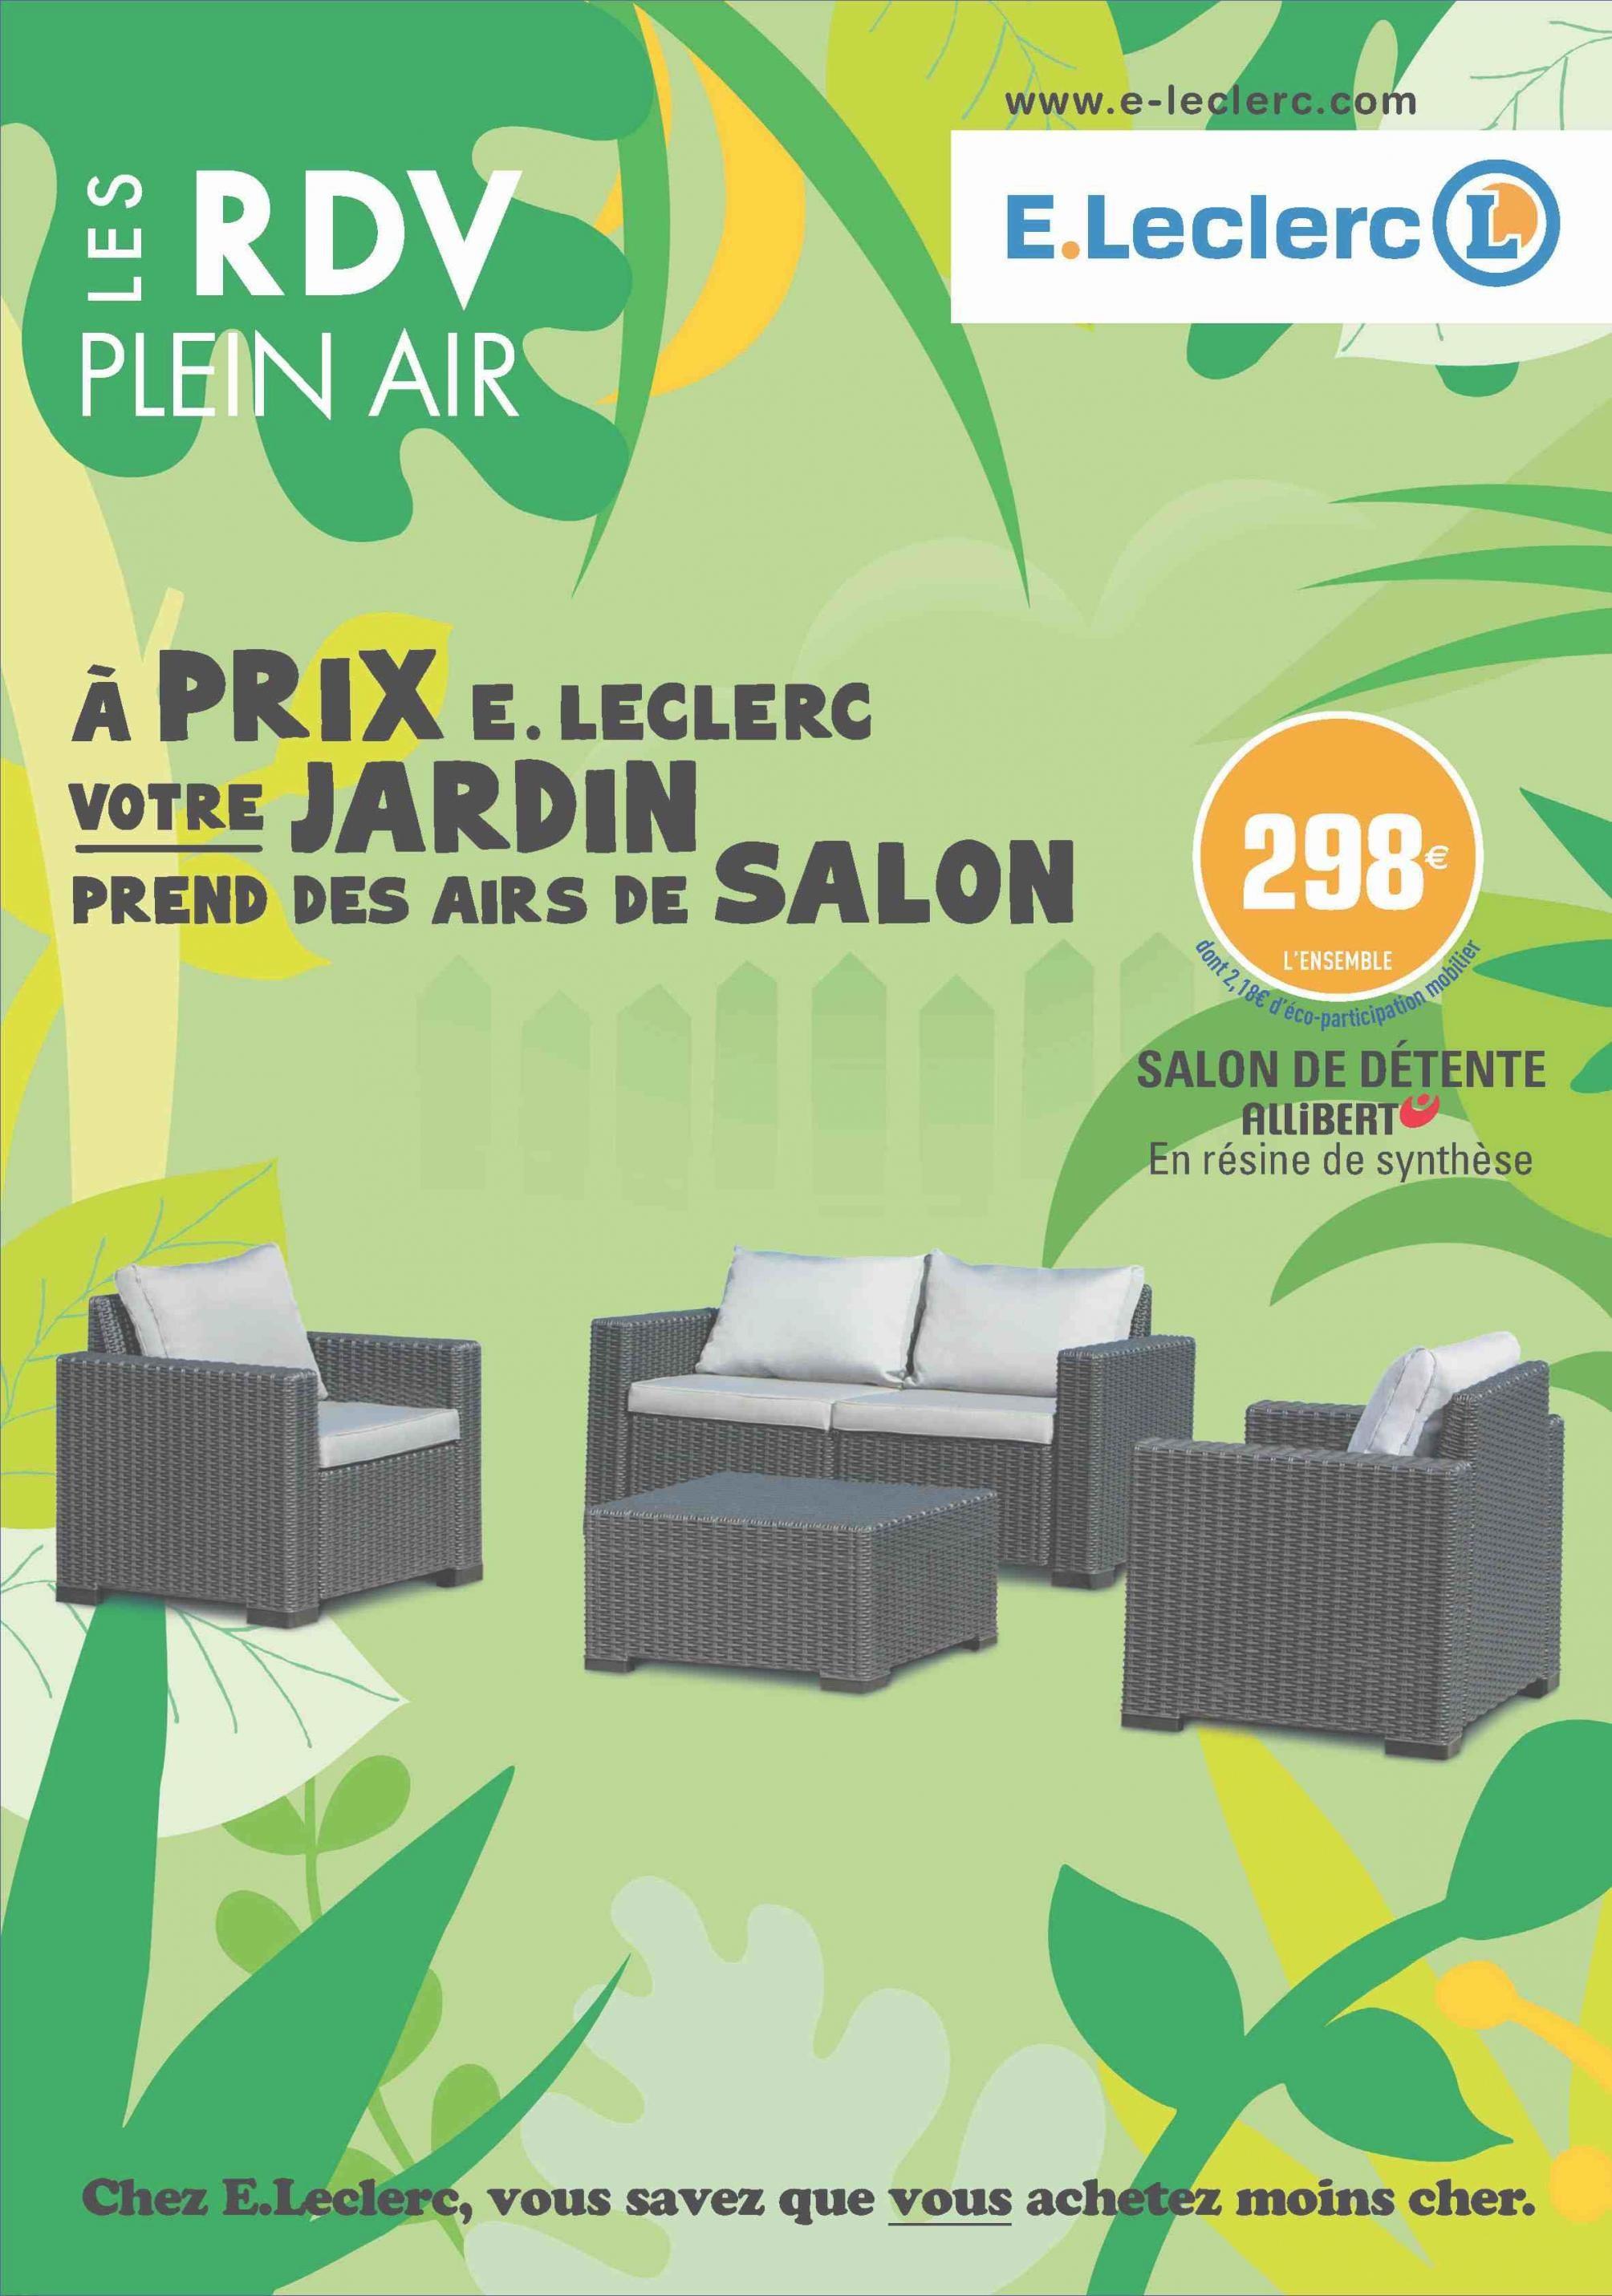 Balancoire Leclerc Abri Jardin Antibes Et De Salon Chez Idée ...